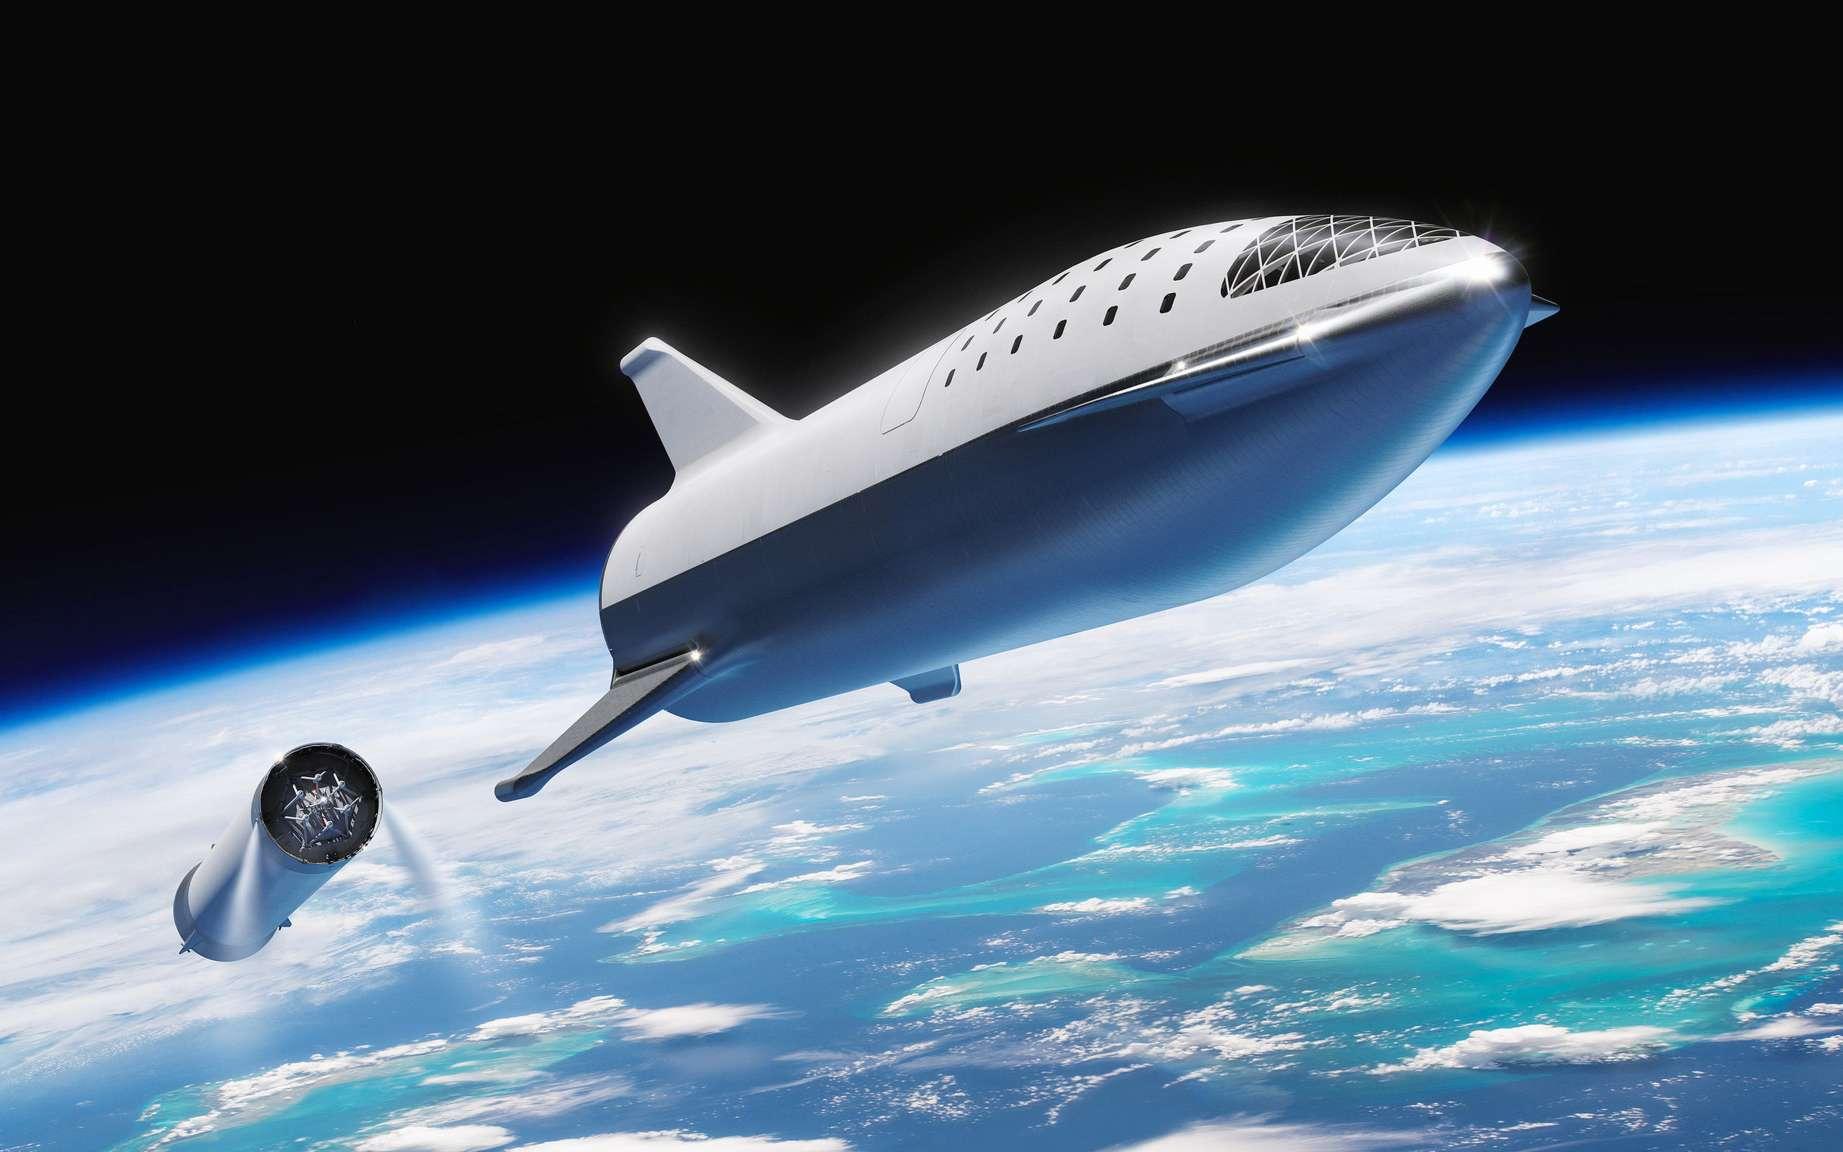 Le Super Heavy et le Starship de SpaceX. Le Starship devrait mesurer 55 mètres de haut pour un diamètre de 9 mètres et propulsé par 7 moteurs Raptor d'une poussée de 11,9 méganewtons. Pour Super Heavy (l'étage principal), il aurait un même diamètre pour une hauteur de 63 mètres et propulsé par 31 moteurs Raptor. Ensemble, ces moteurs généreront une poussée au décollage de 52,7 méganewtons. © SpaceX